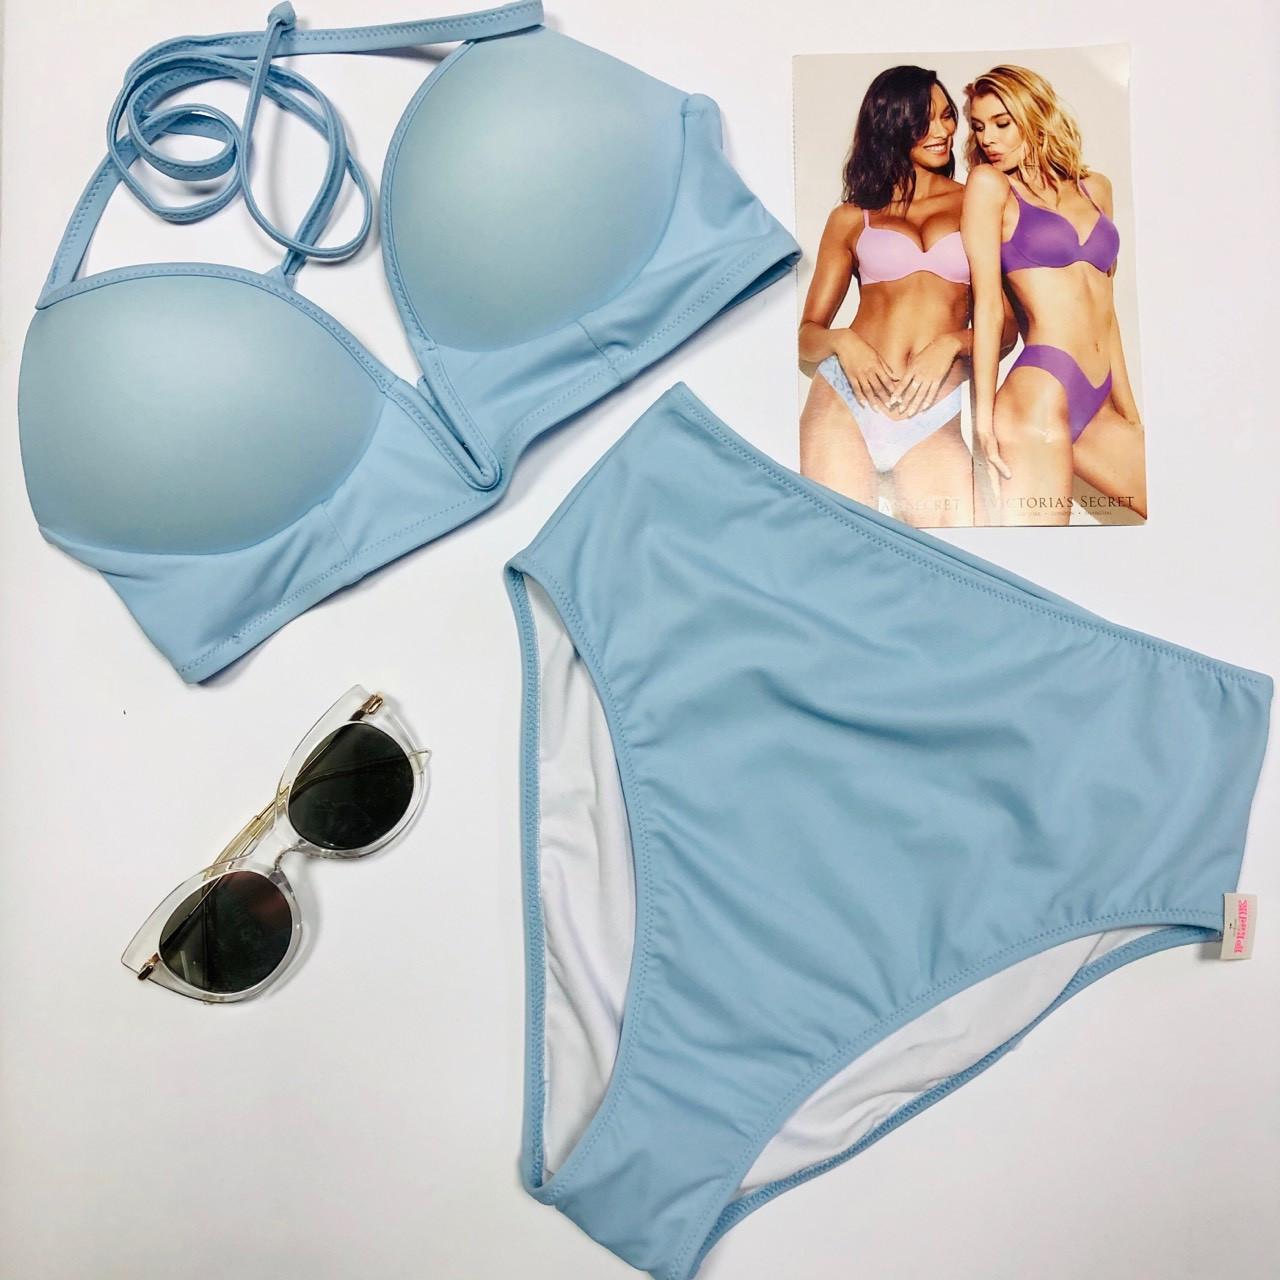 59d162c08d691 Victoria's Secret PINK Купальник с Высокими Плавками Виктория Сикрет - Asia  & Secret - Корейская и